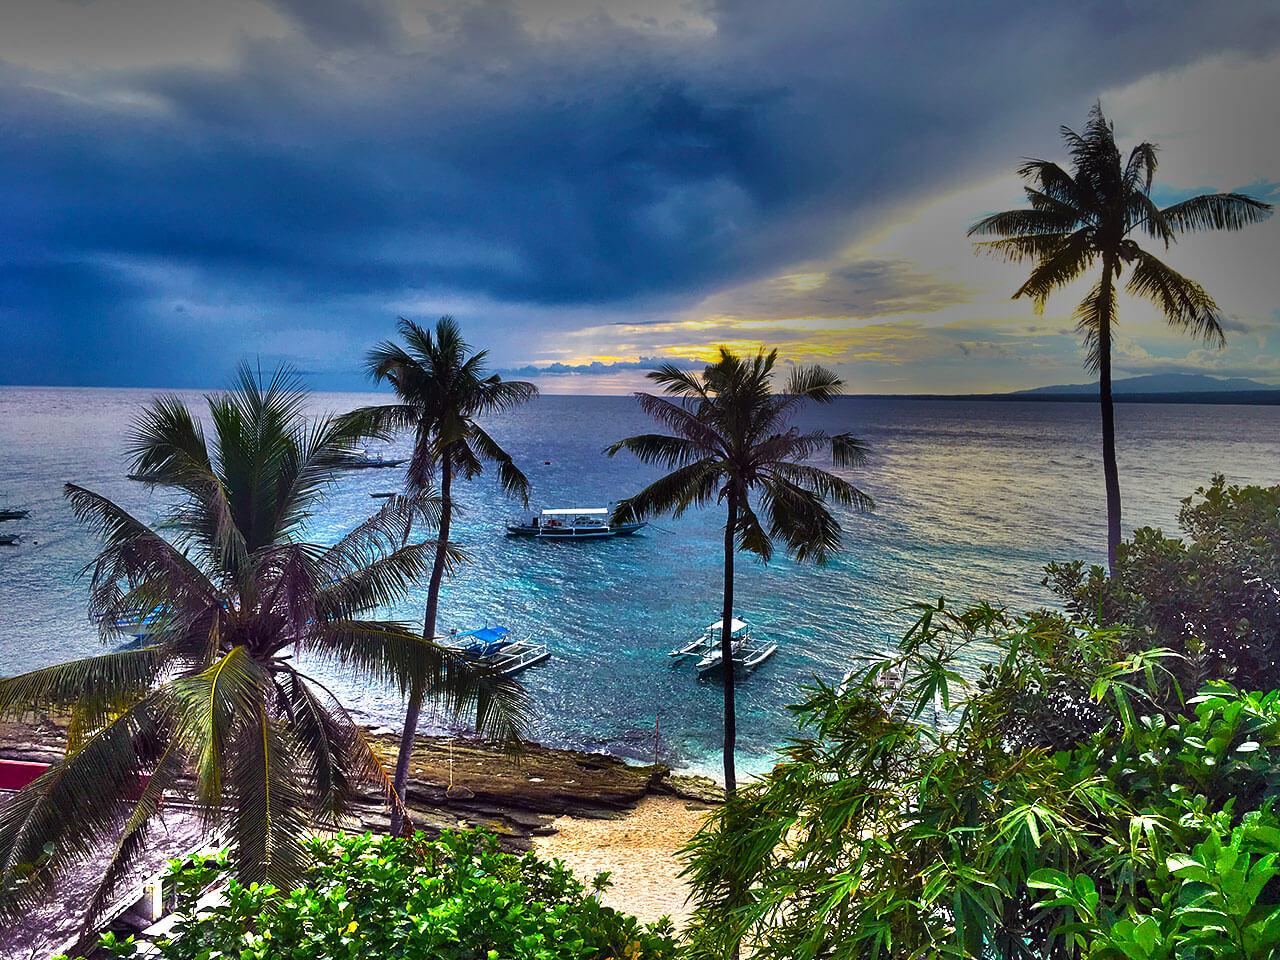 【フィリピン田舎旅】セブ島からドゥマゲッティを通り船でダイビングで有名なアポ島へ